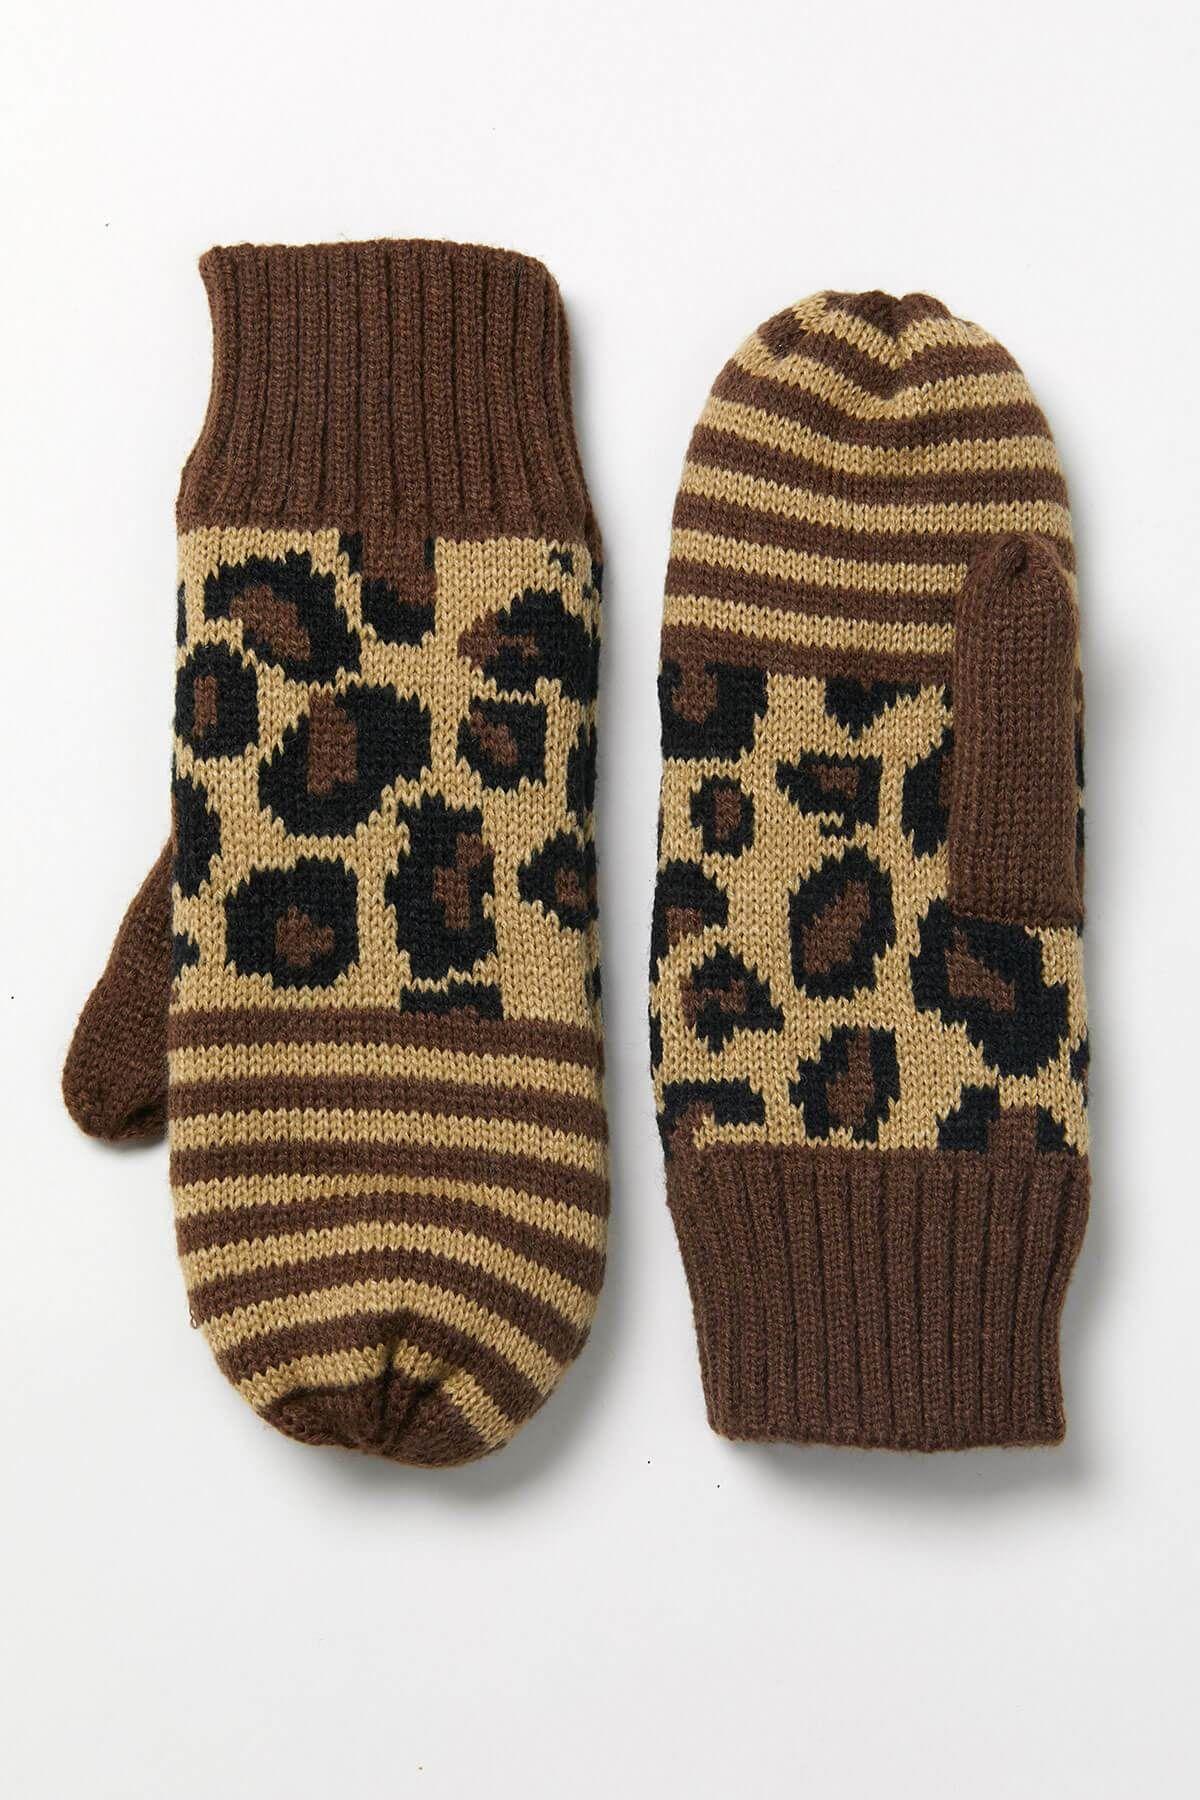 Panache Leopard Stripe Mittens - One Size / Brown